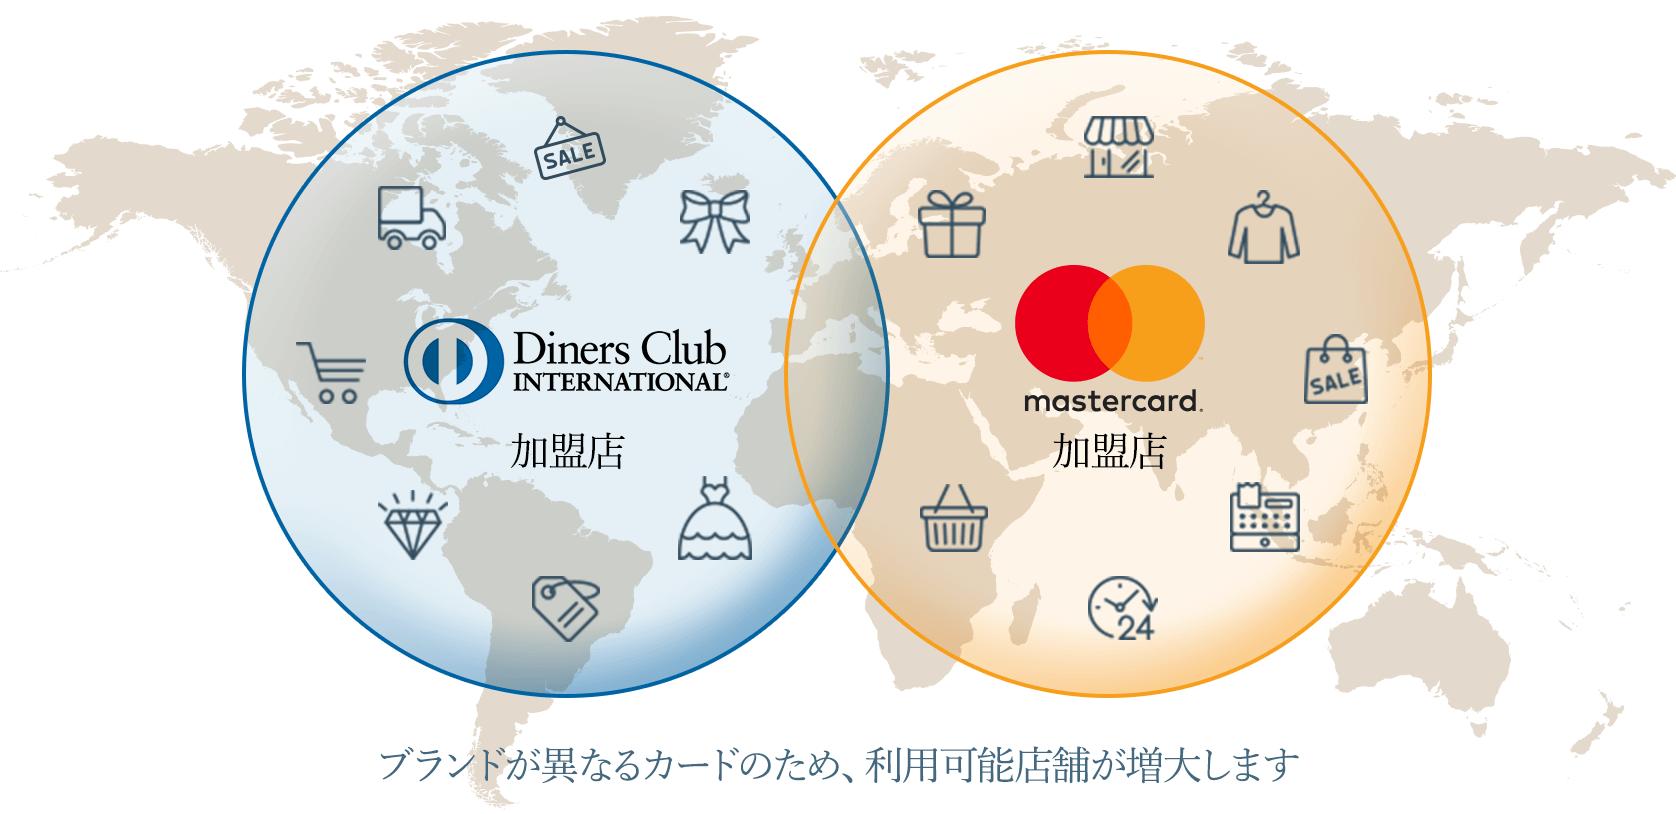 ブランドが異なるカードのため、利用可能店舗が増大します。